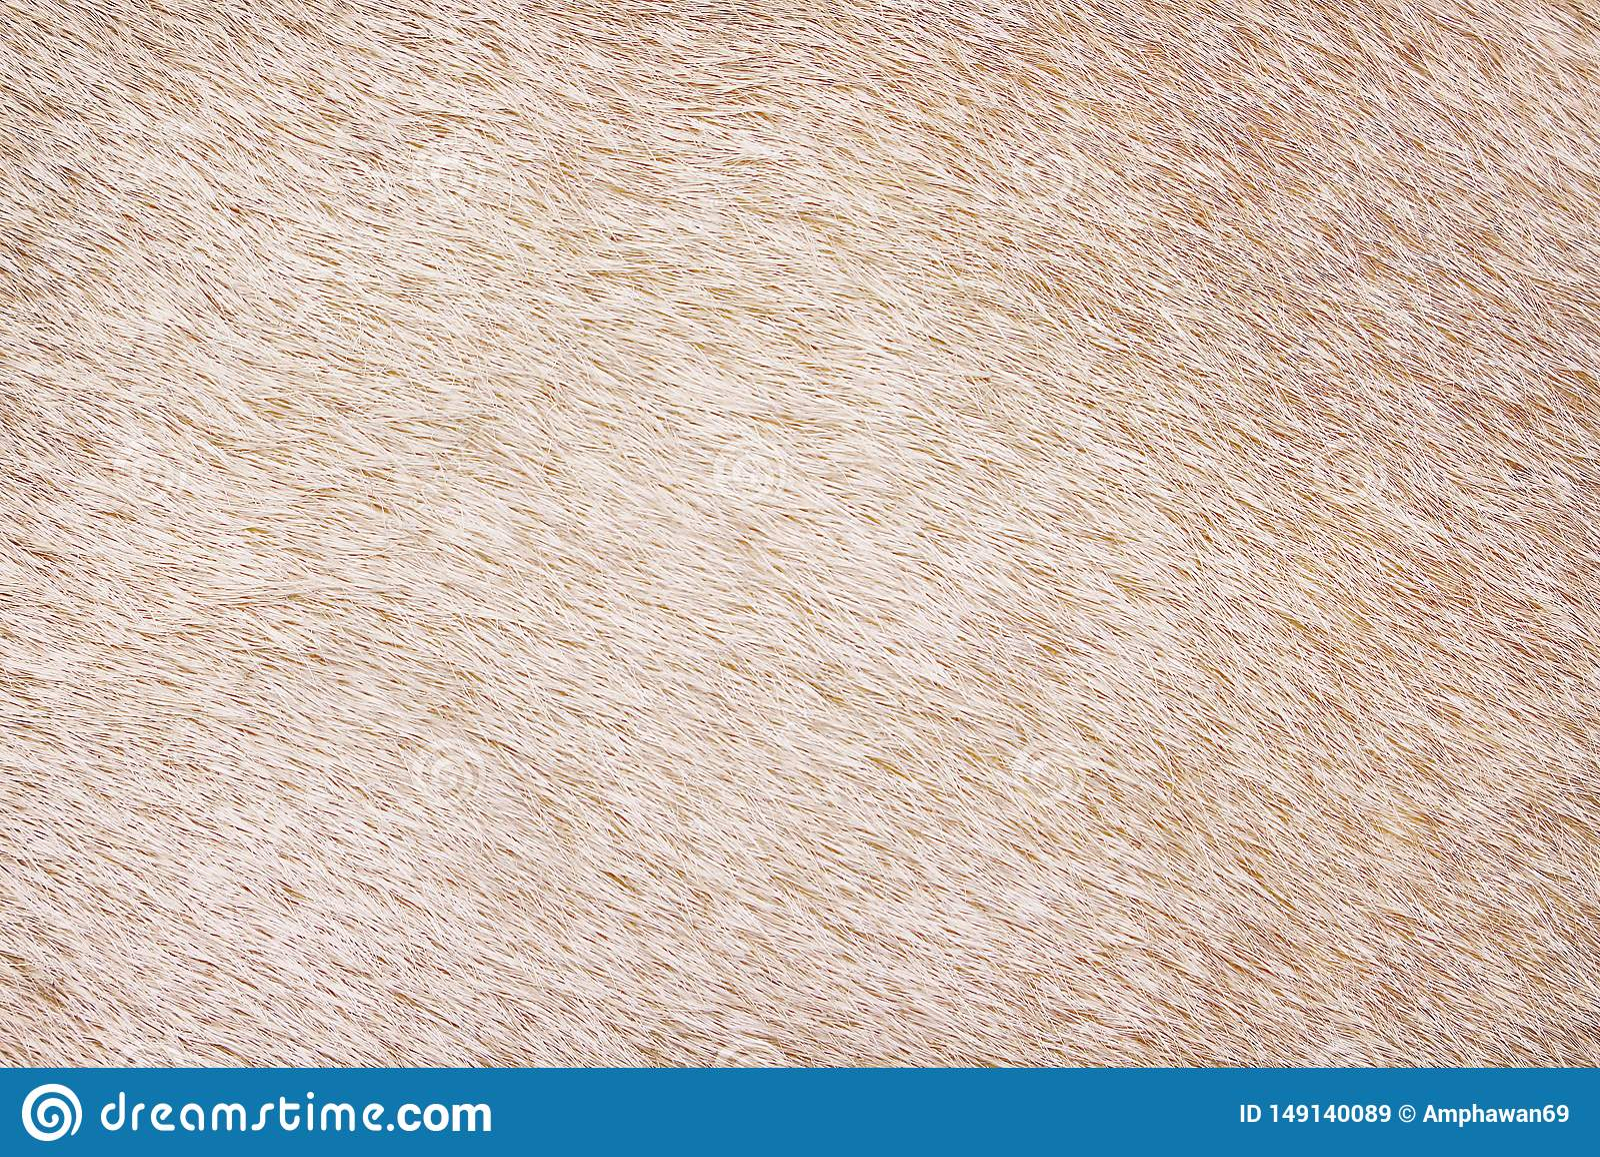 Texture abstraite de vache de mod?les brun clair de fourrure pour le fond